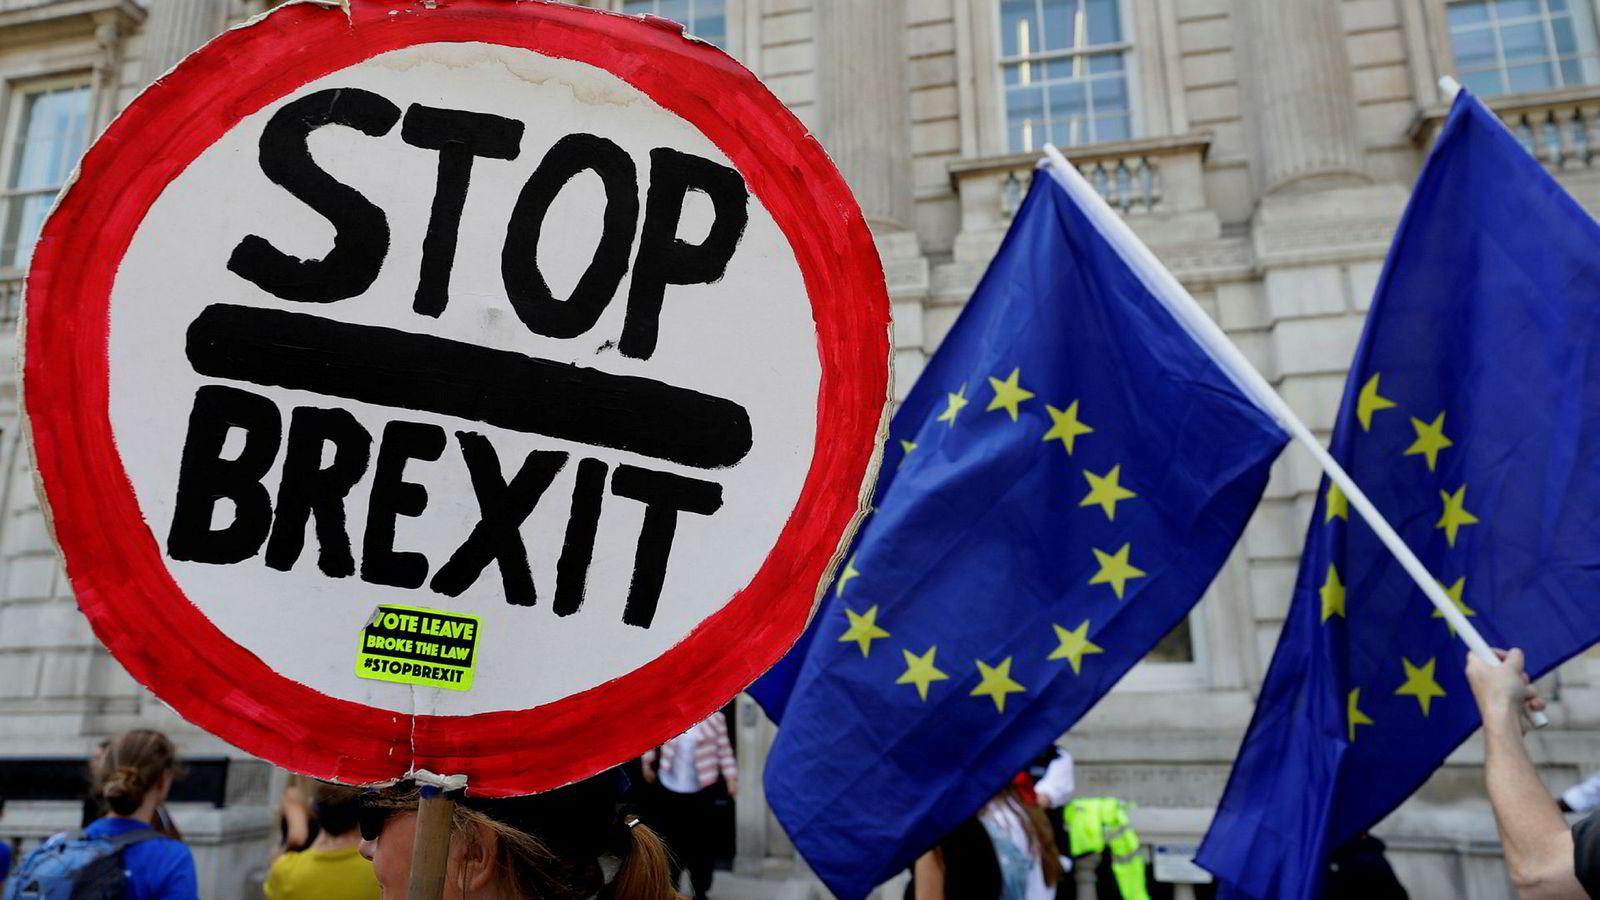 Tirsdag er det duket for første runde i den antatt siste kampen om brexit. Snaut to måneder før britene forlater EU, har politikerne i praksis bare noen få dager på å bestemme hvordan det skal skje. Disse demonstrantene viser tydelig hvilket utfall de ønsker seg.